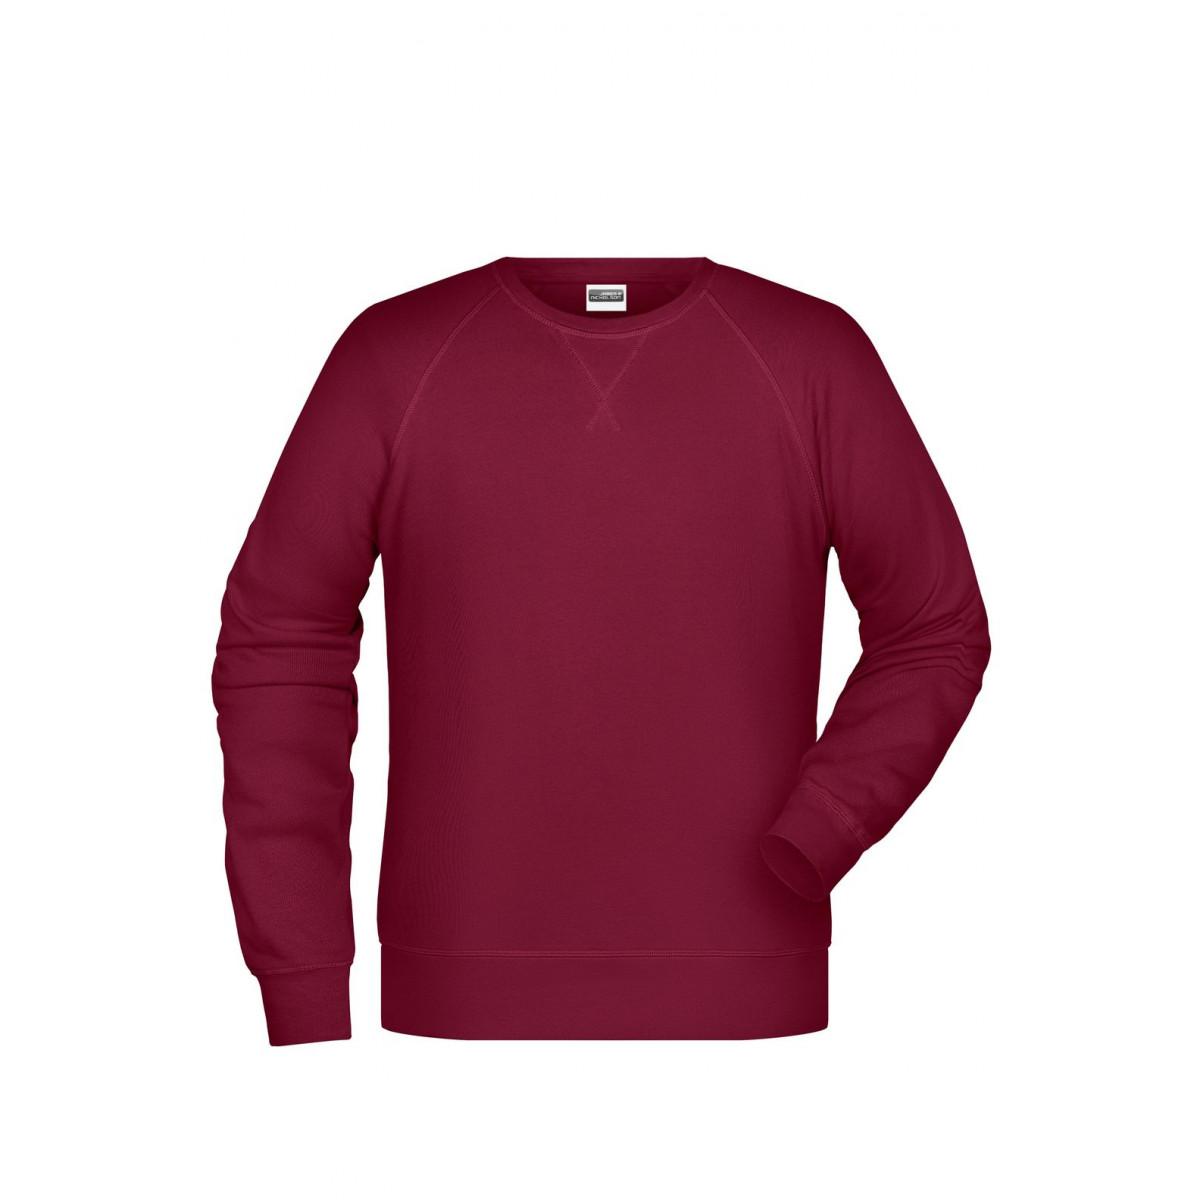 Толстовка мужская 8022 Men´s Sweat - Бордовый